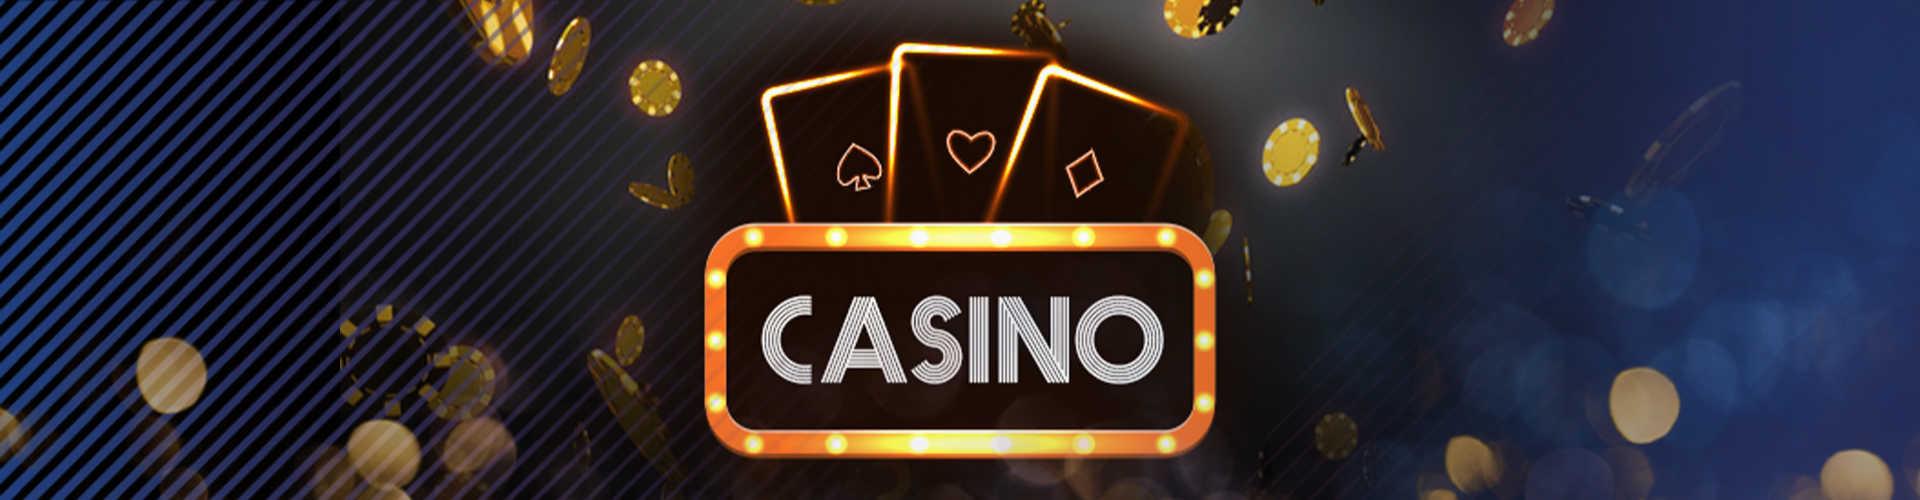 Poker Games by Uwin33